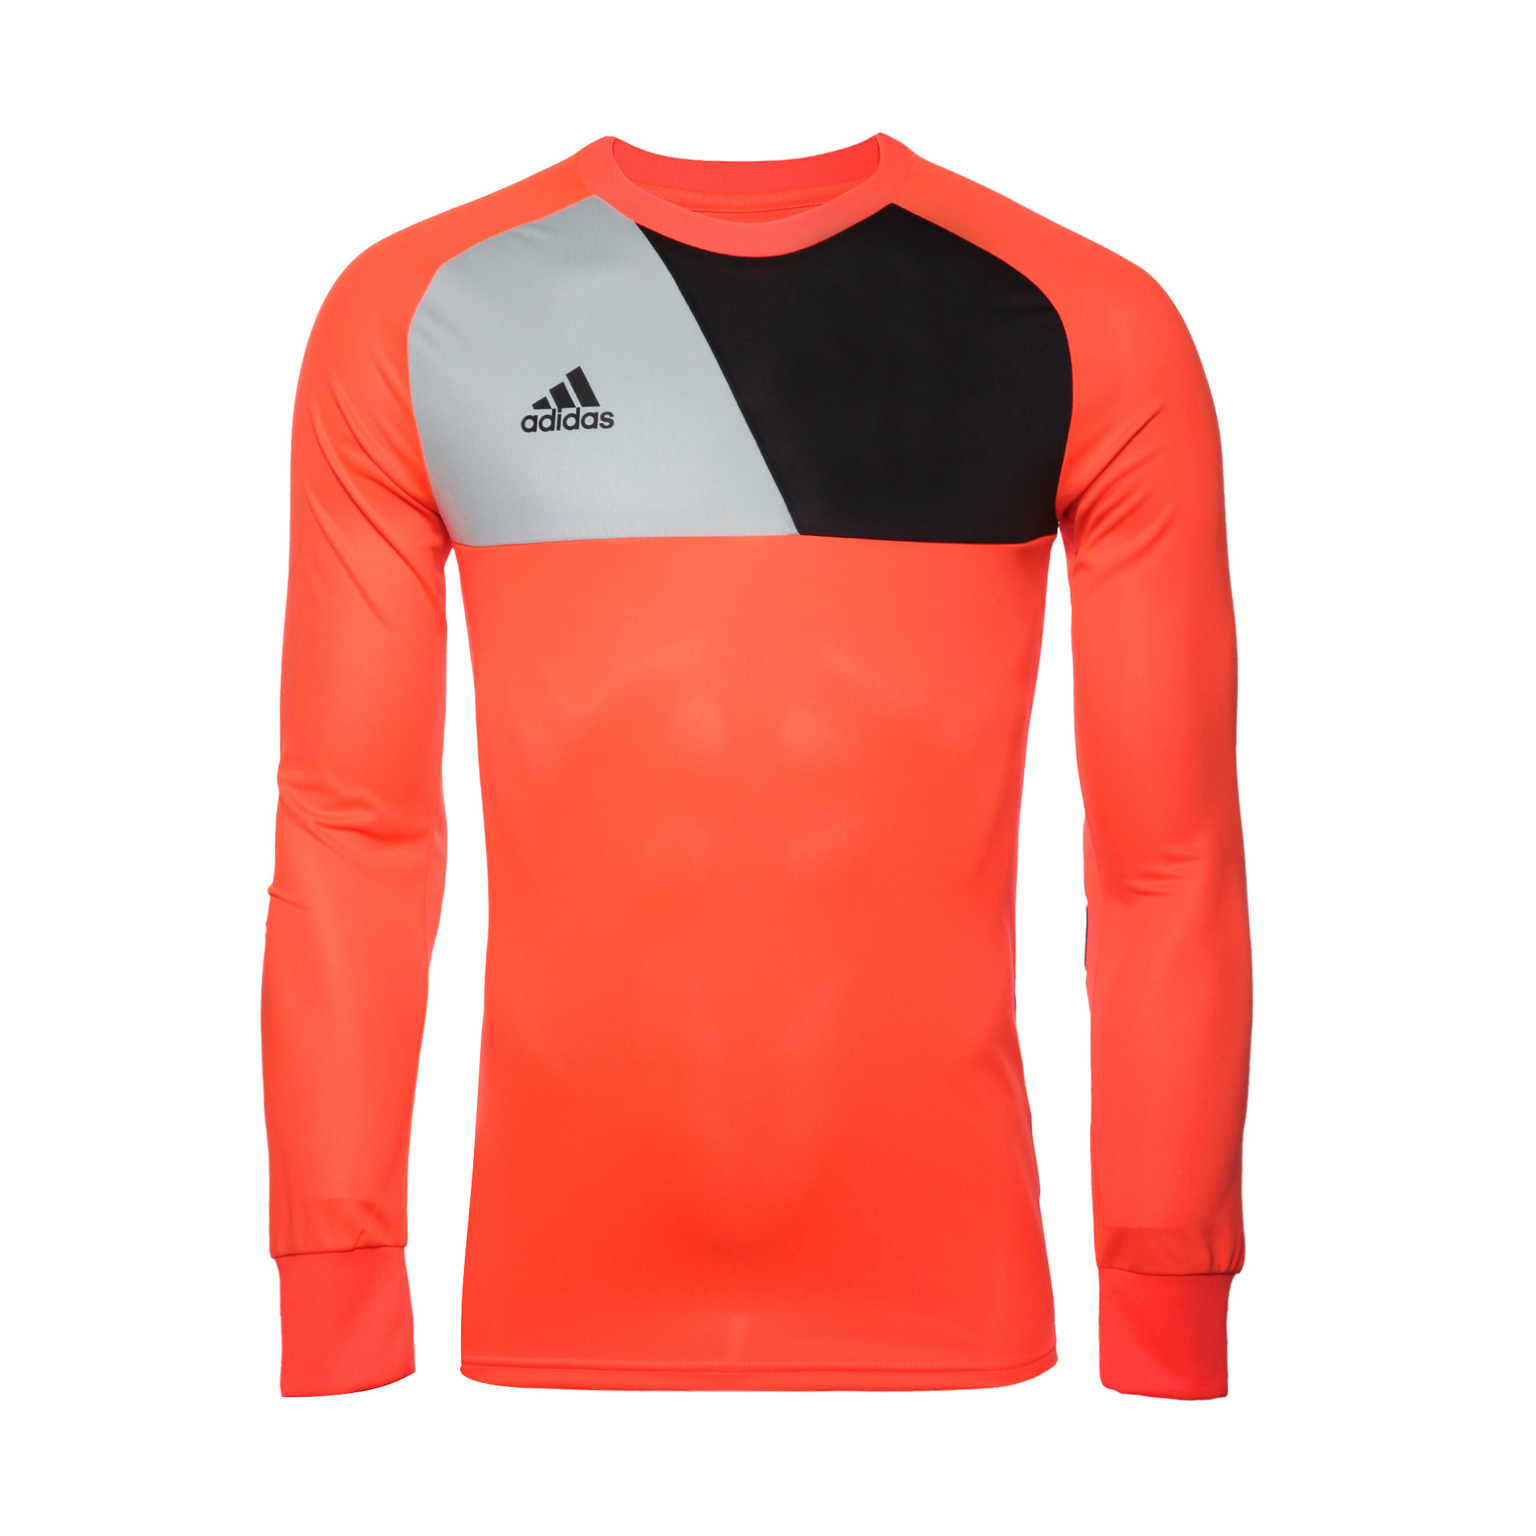 Свитер вратарский Adidas Assita 17 GK CV7749 свитера adidas свитер вратарский adidas adipro 18 gk l cv6349